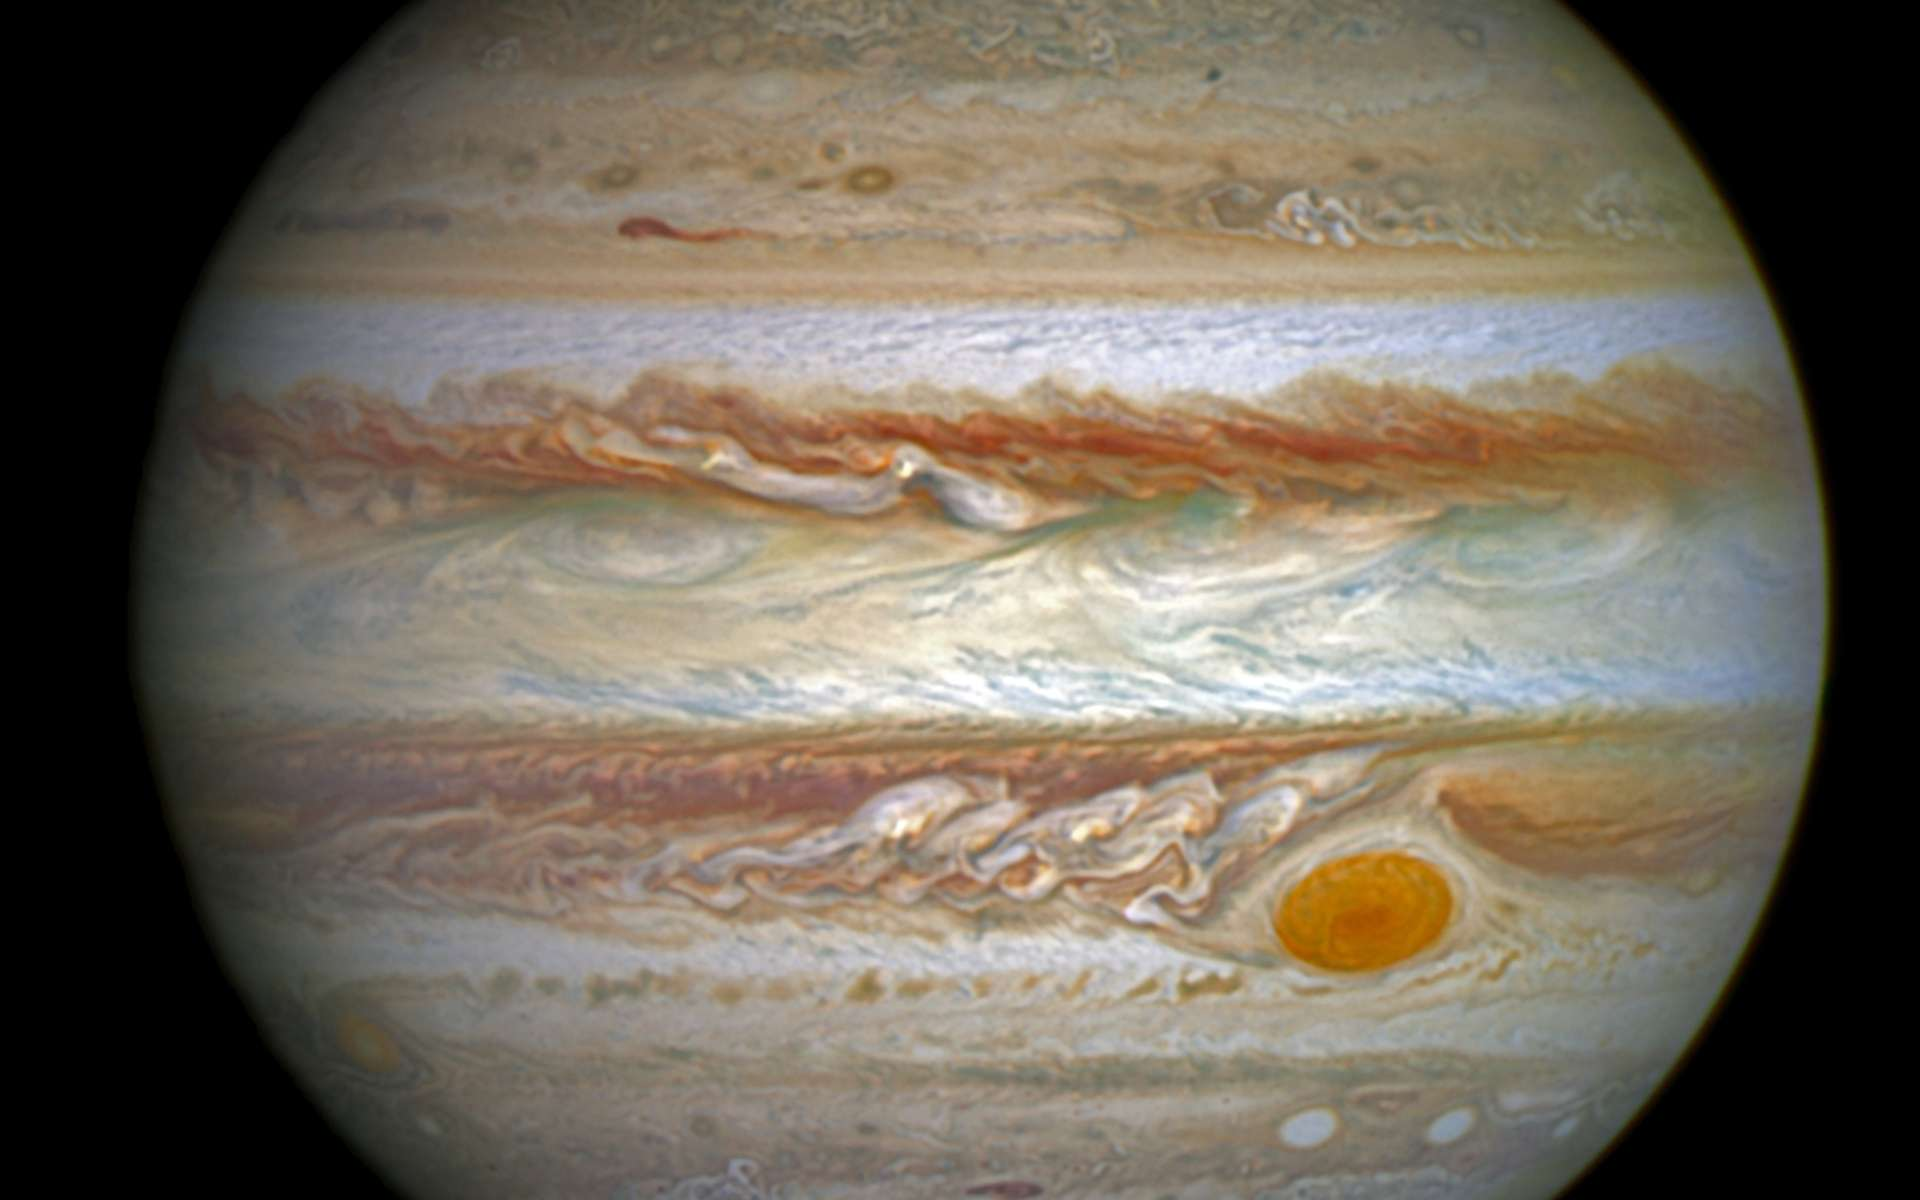 Durant un mois, Hubble a imagé chaque jour dans l'ultraviolet lointain, les aurores au-dessus du pôle nord de Jupiter. Elles sont plus grandes que la Terre et des centaines de fois plus puissantes que celles que l'on peut observer dans le ciel terrestre aux hautes latitudes. © Nasa, Esa, J. Nichols (University of Leicester)